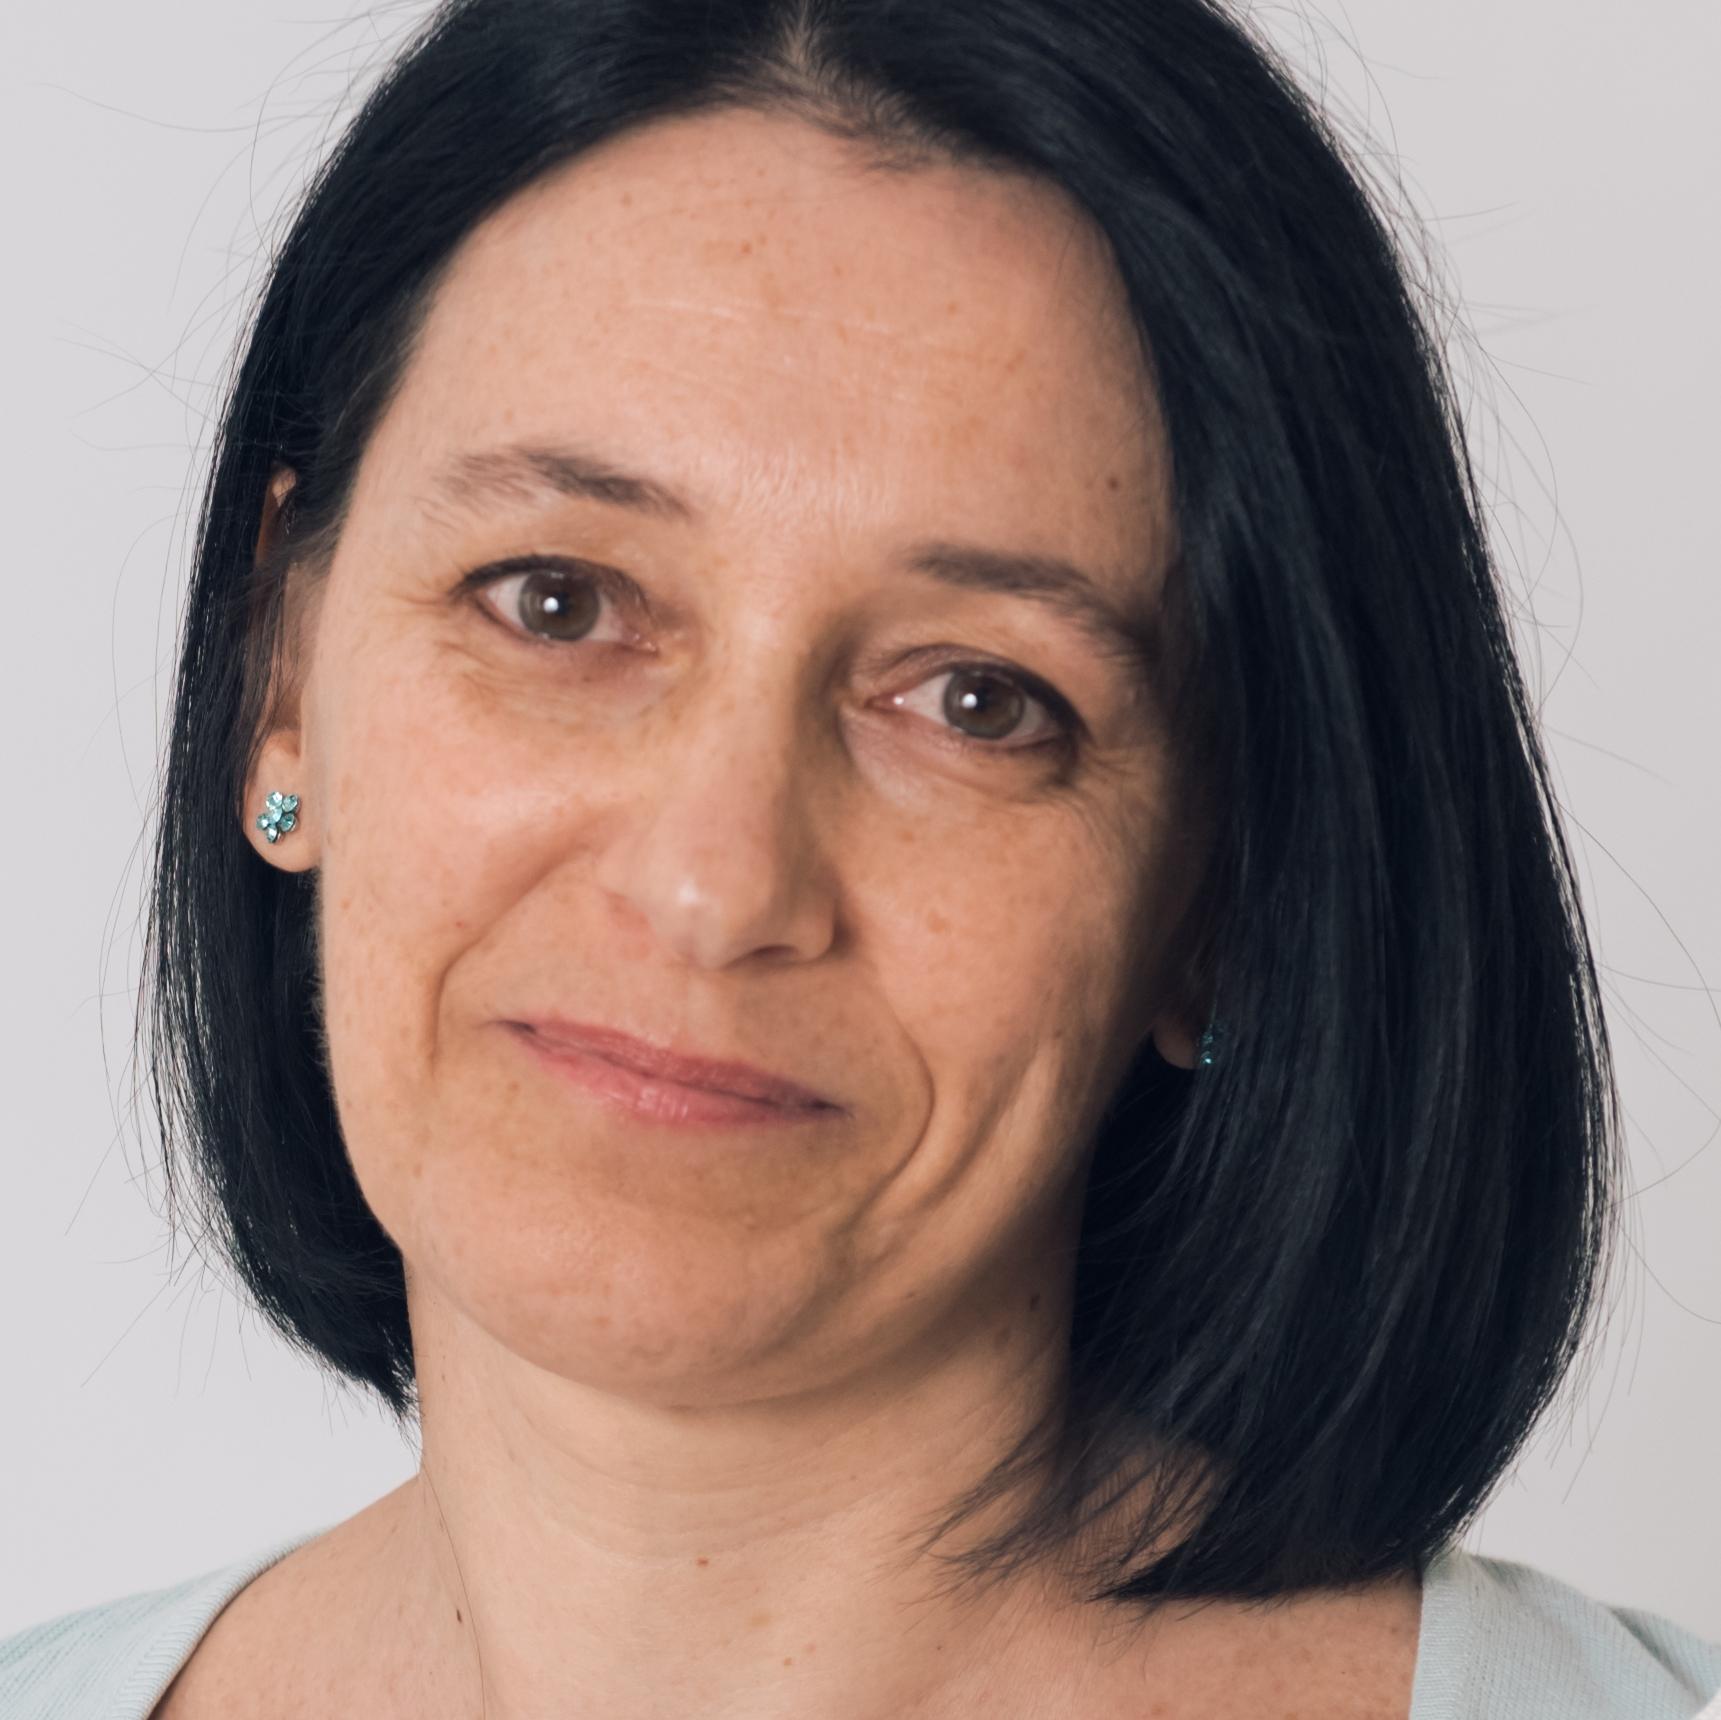 Tamara Scarselletta